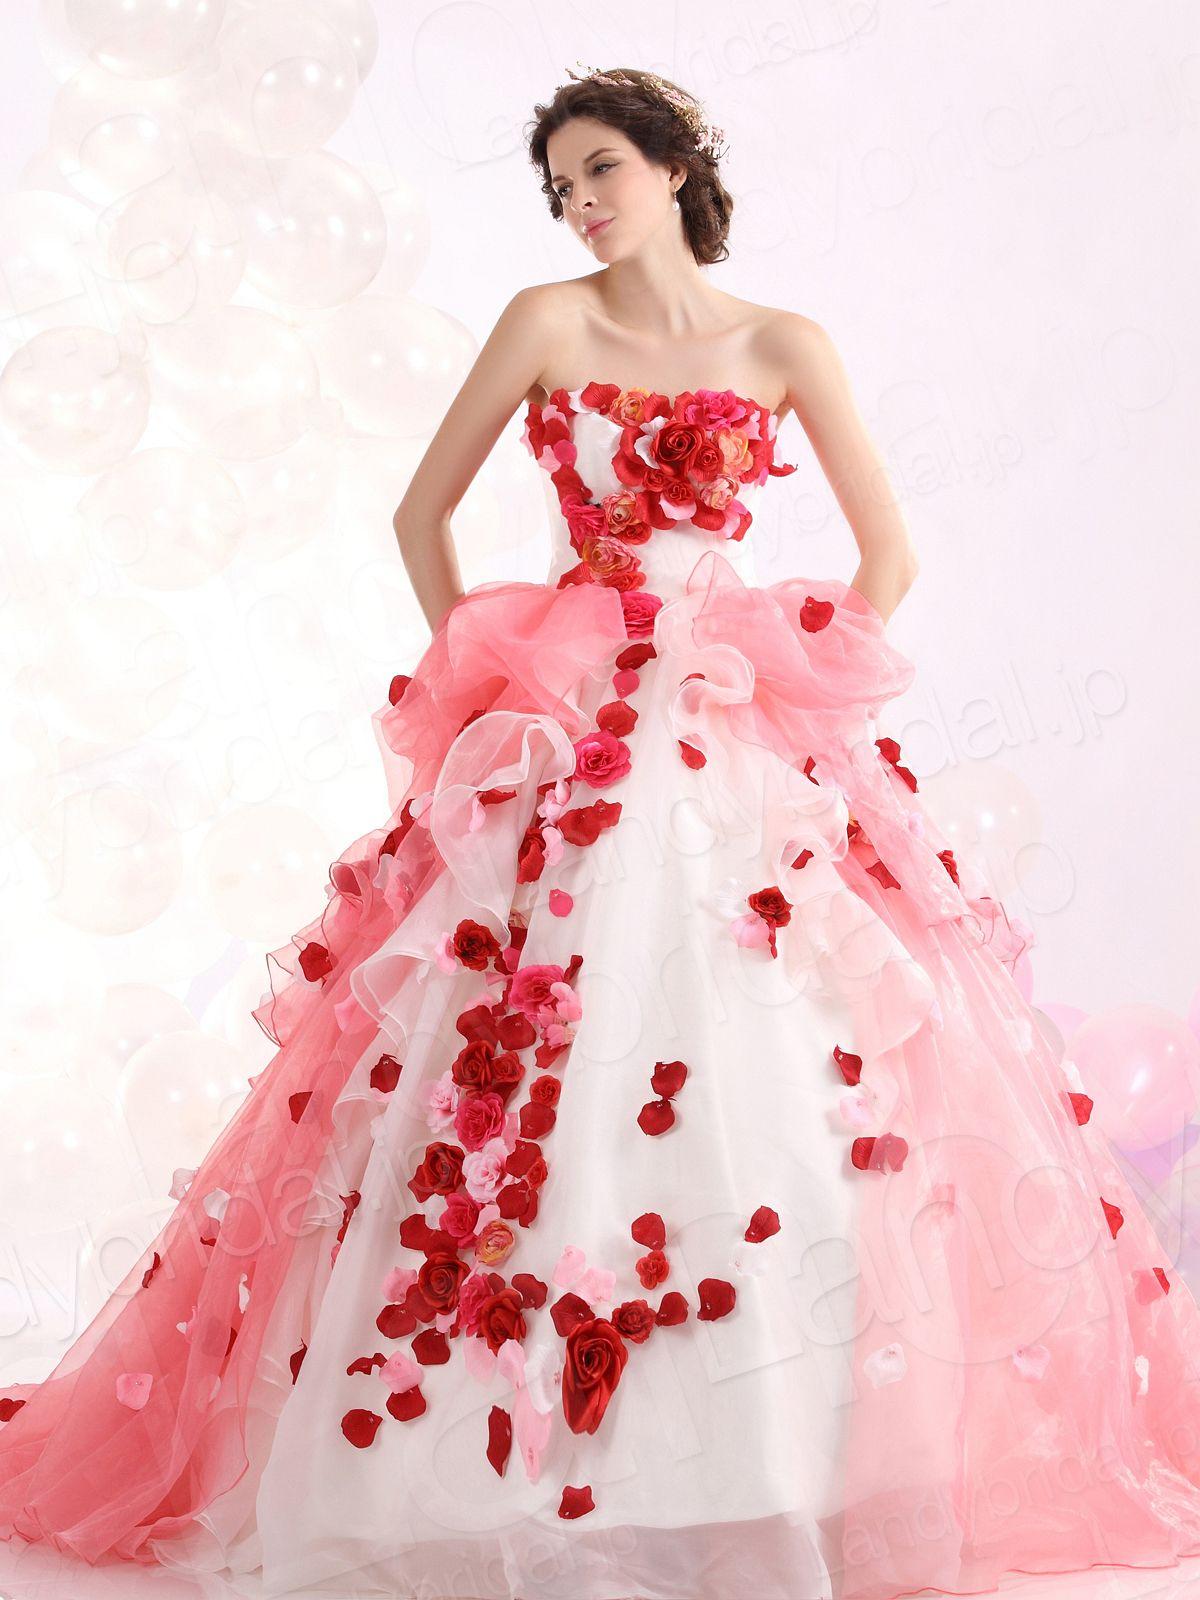 Fantastisch Ugly Pink Bridesmaid Dress Fotos - Brautkleider Ideen ...